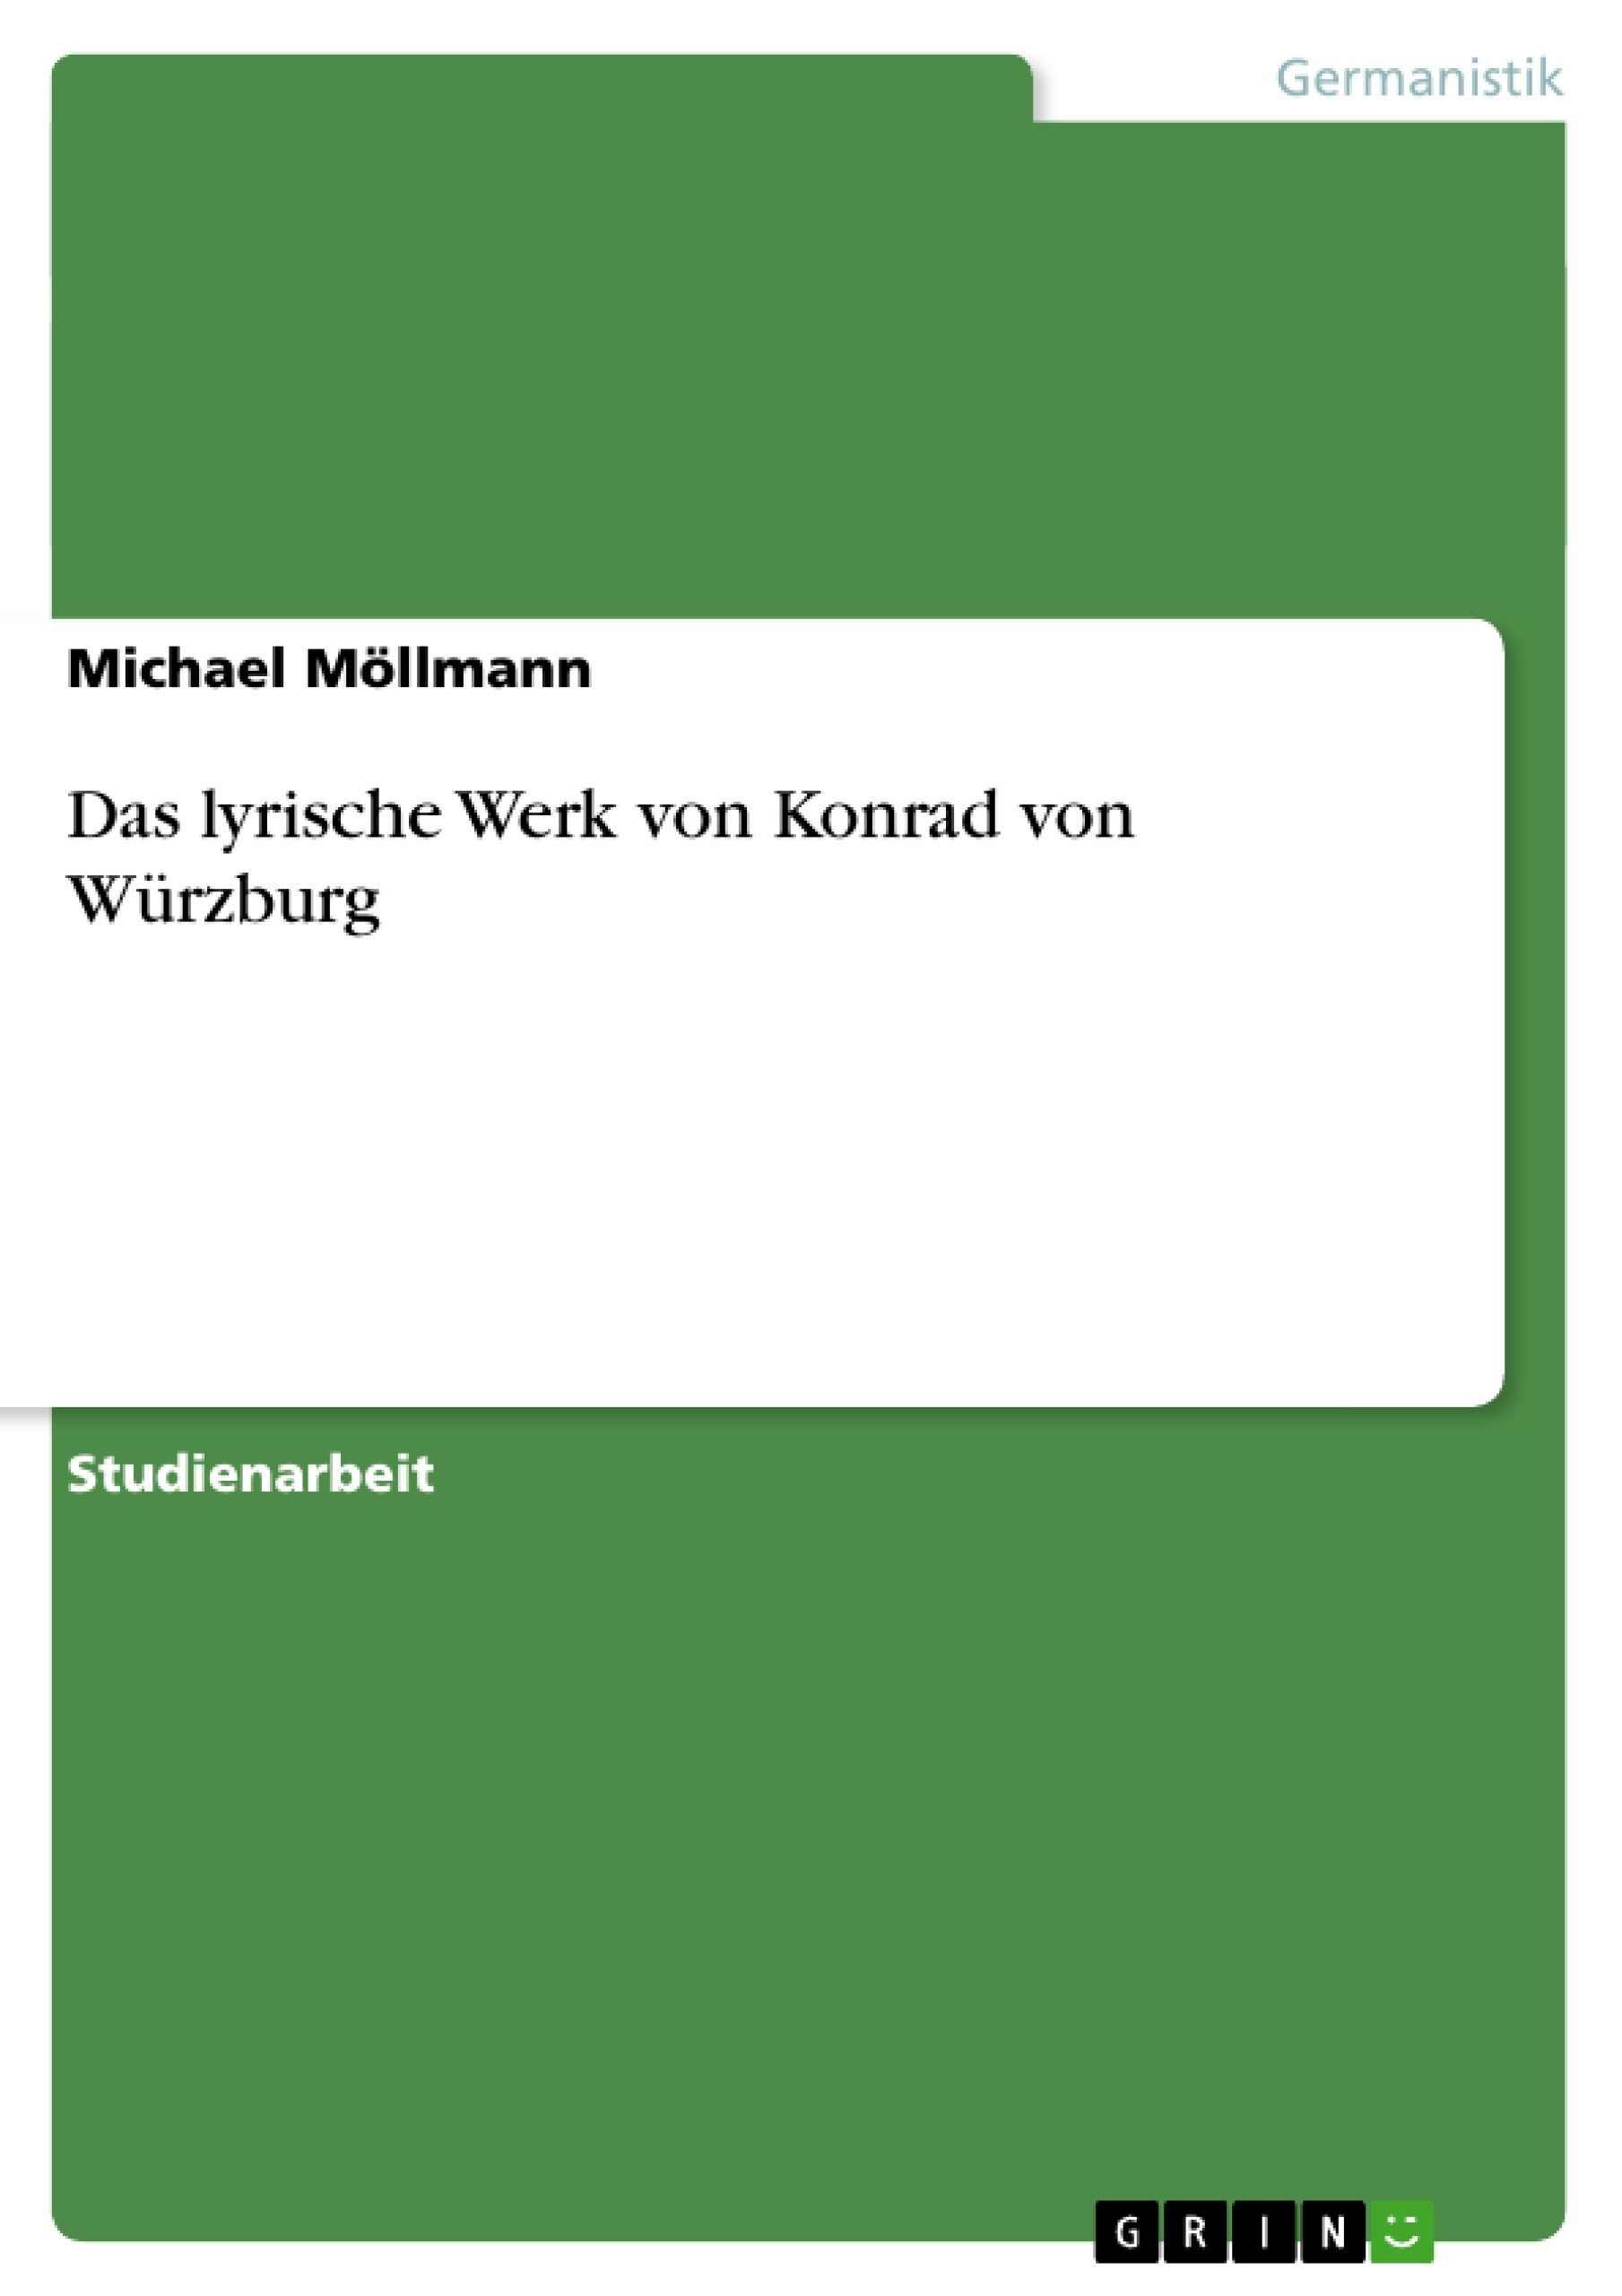 Titel: Das lyrische Werk von Konrad von Würzburg